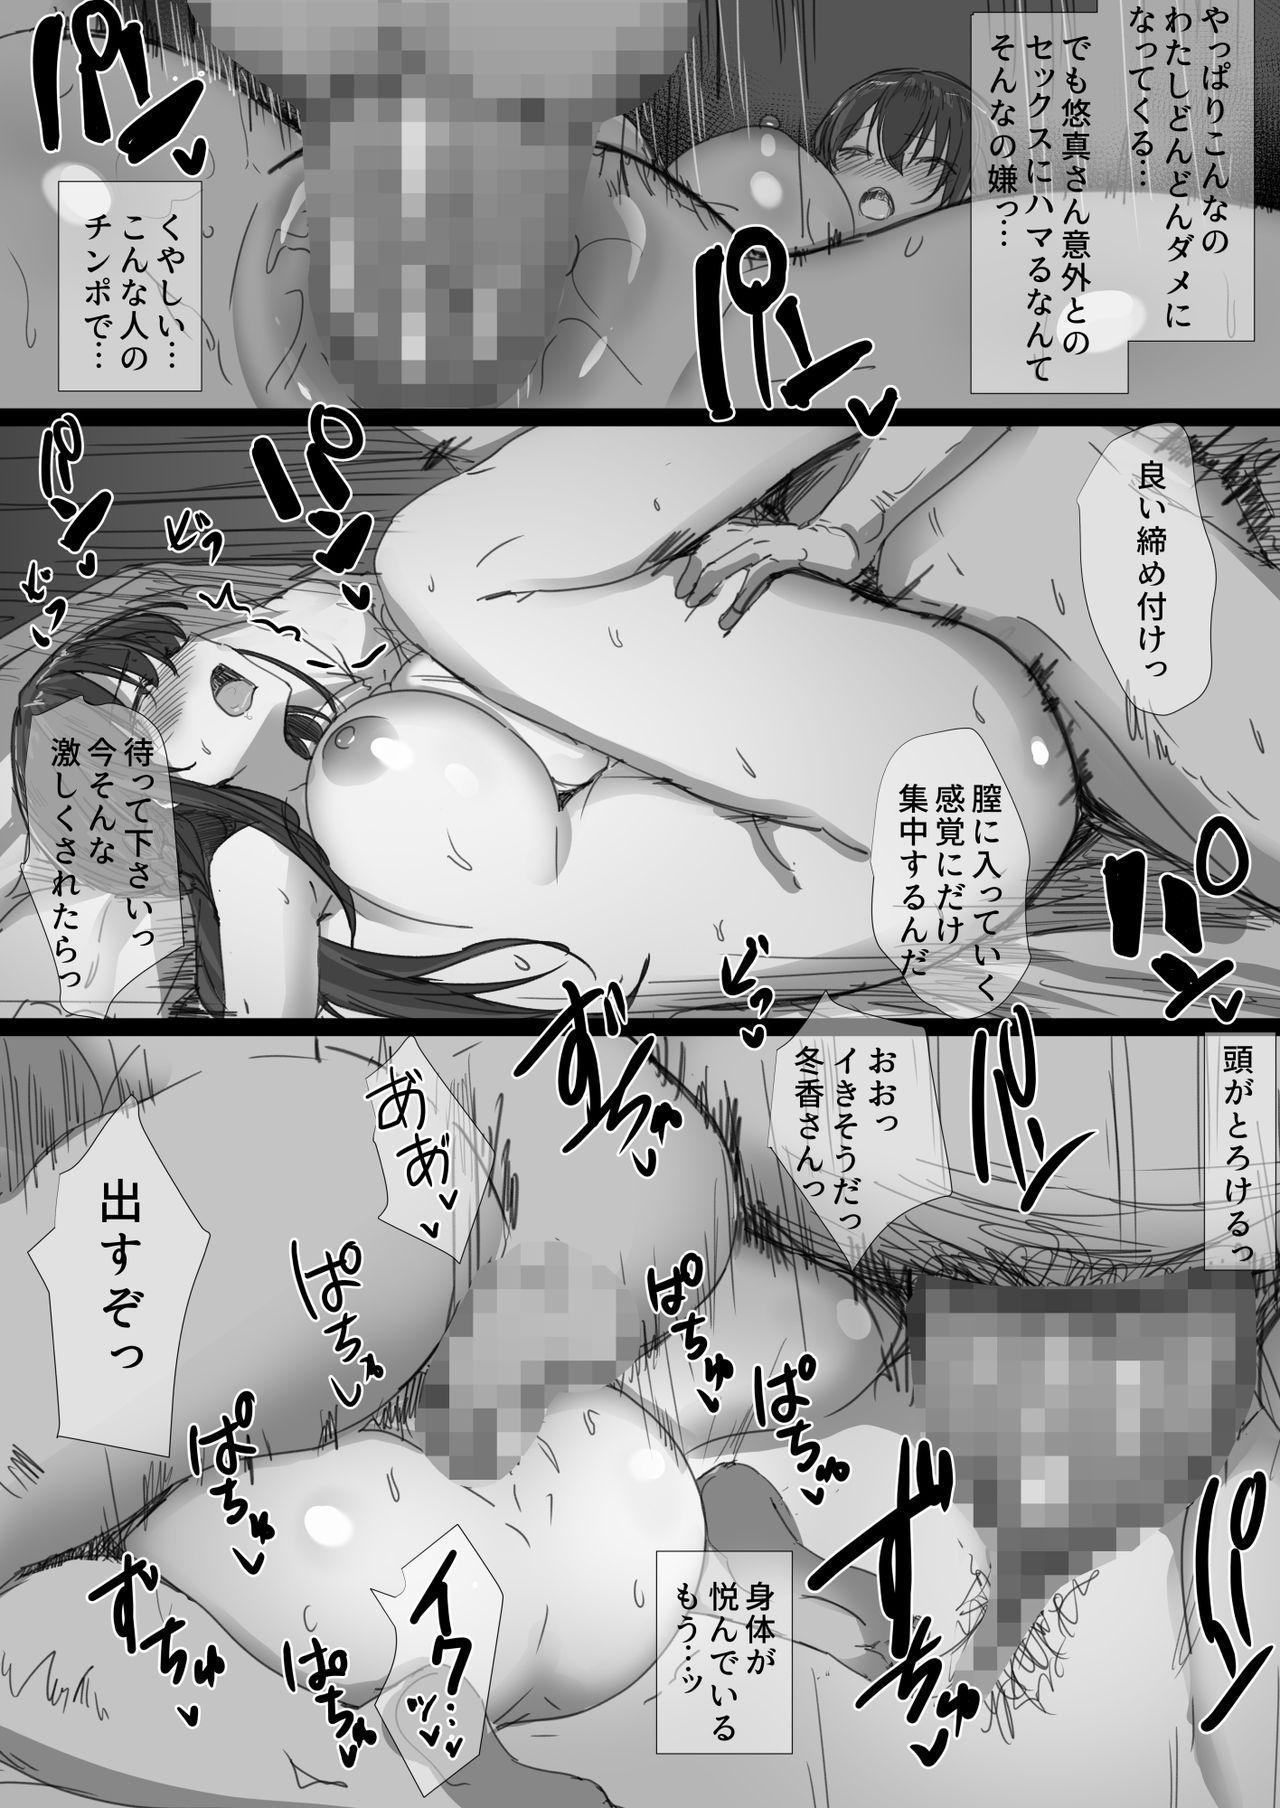 Ki ga Tsuyoi Seiso na Hitozuma Reijou ga Netorareru made no Ichibu Shijuu 47